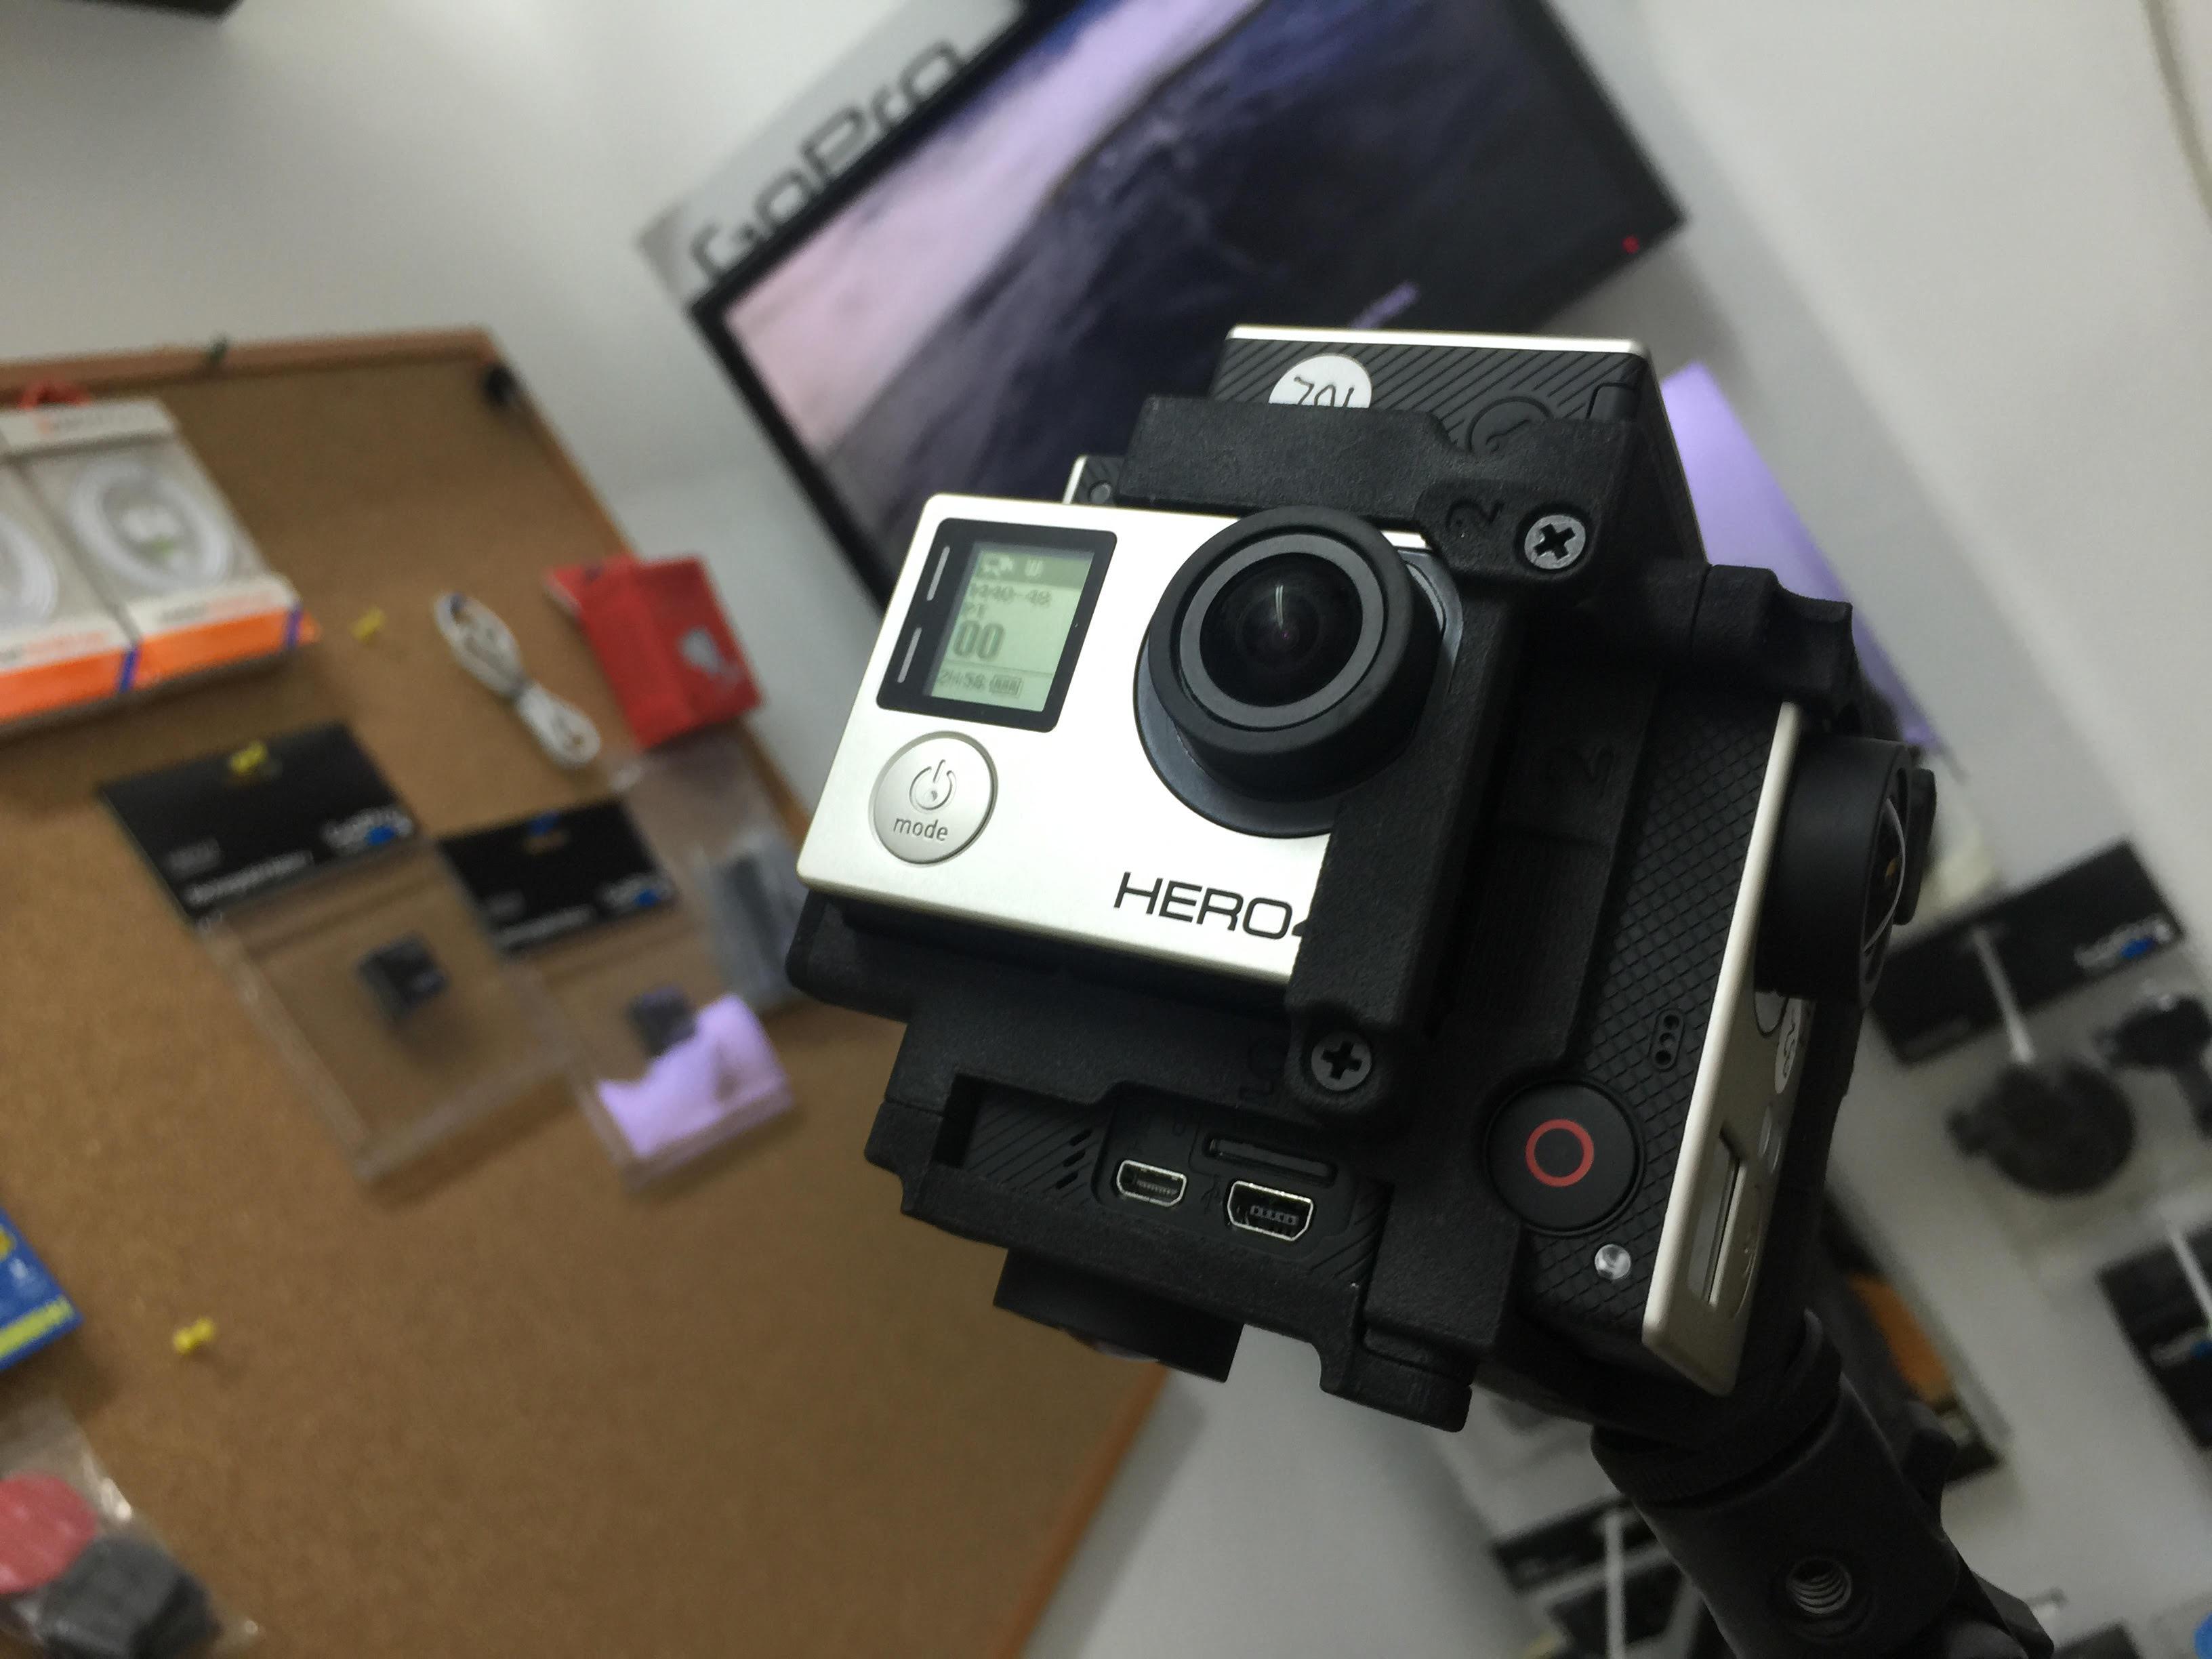 מתקן לצילום וידאו ב 360 מעלות